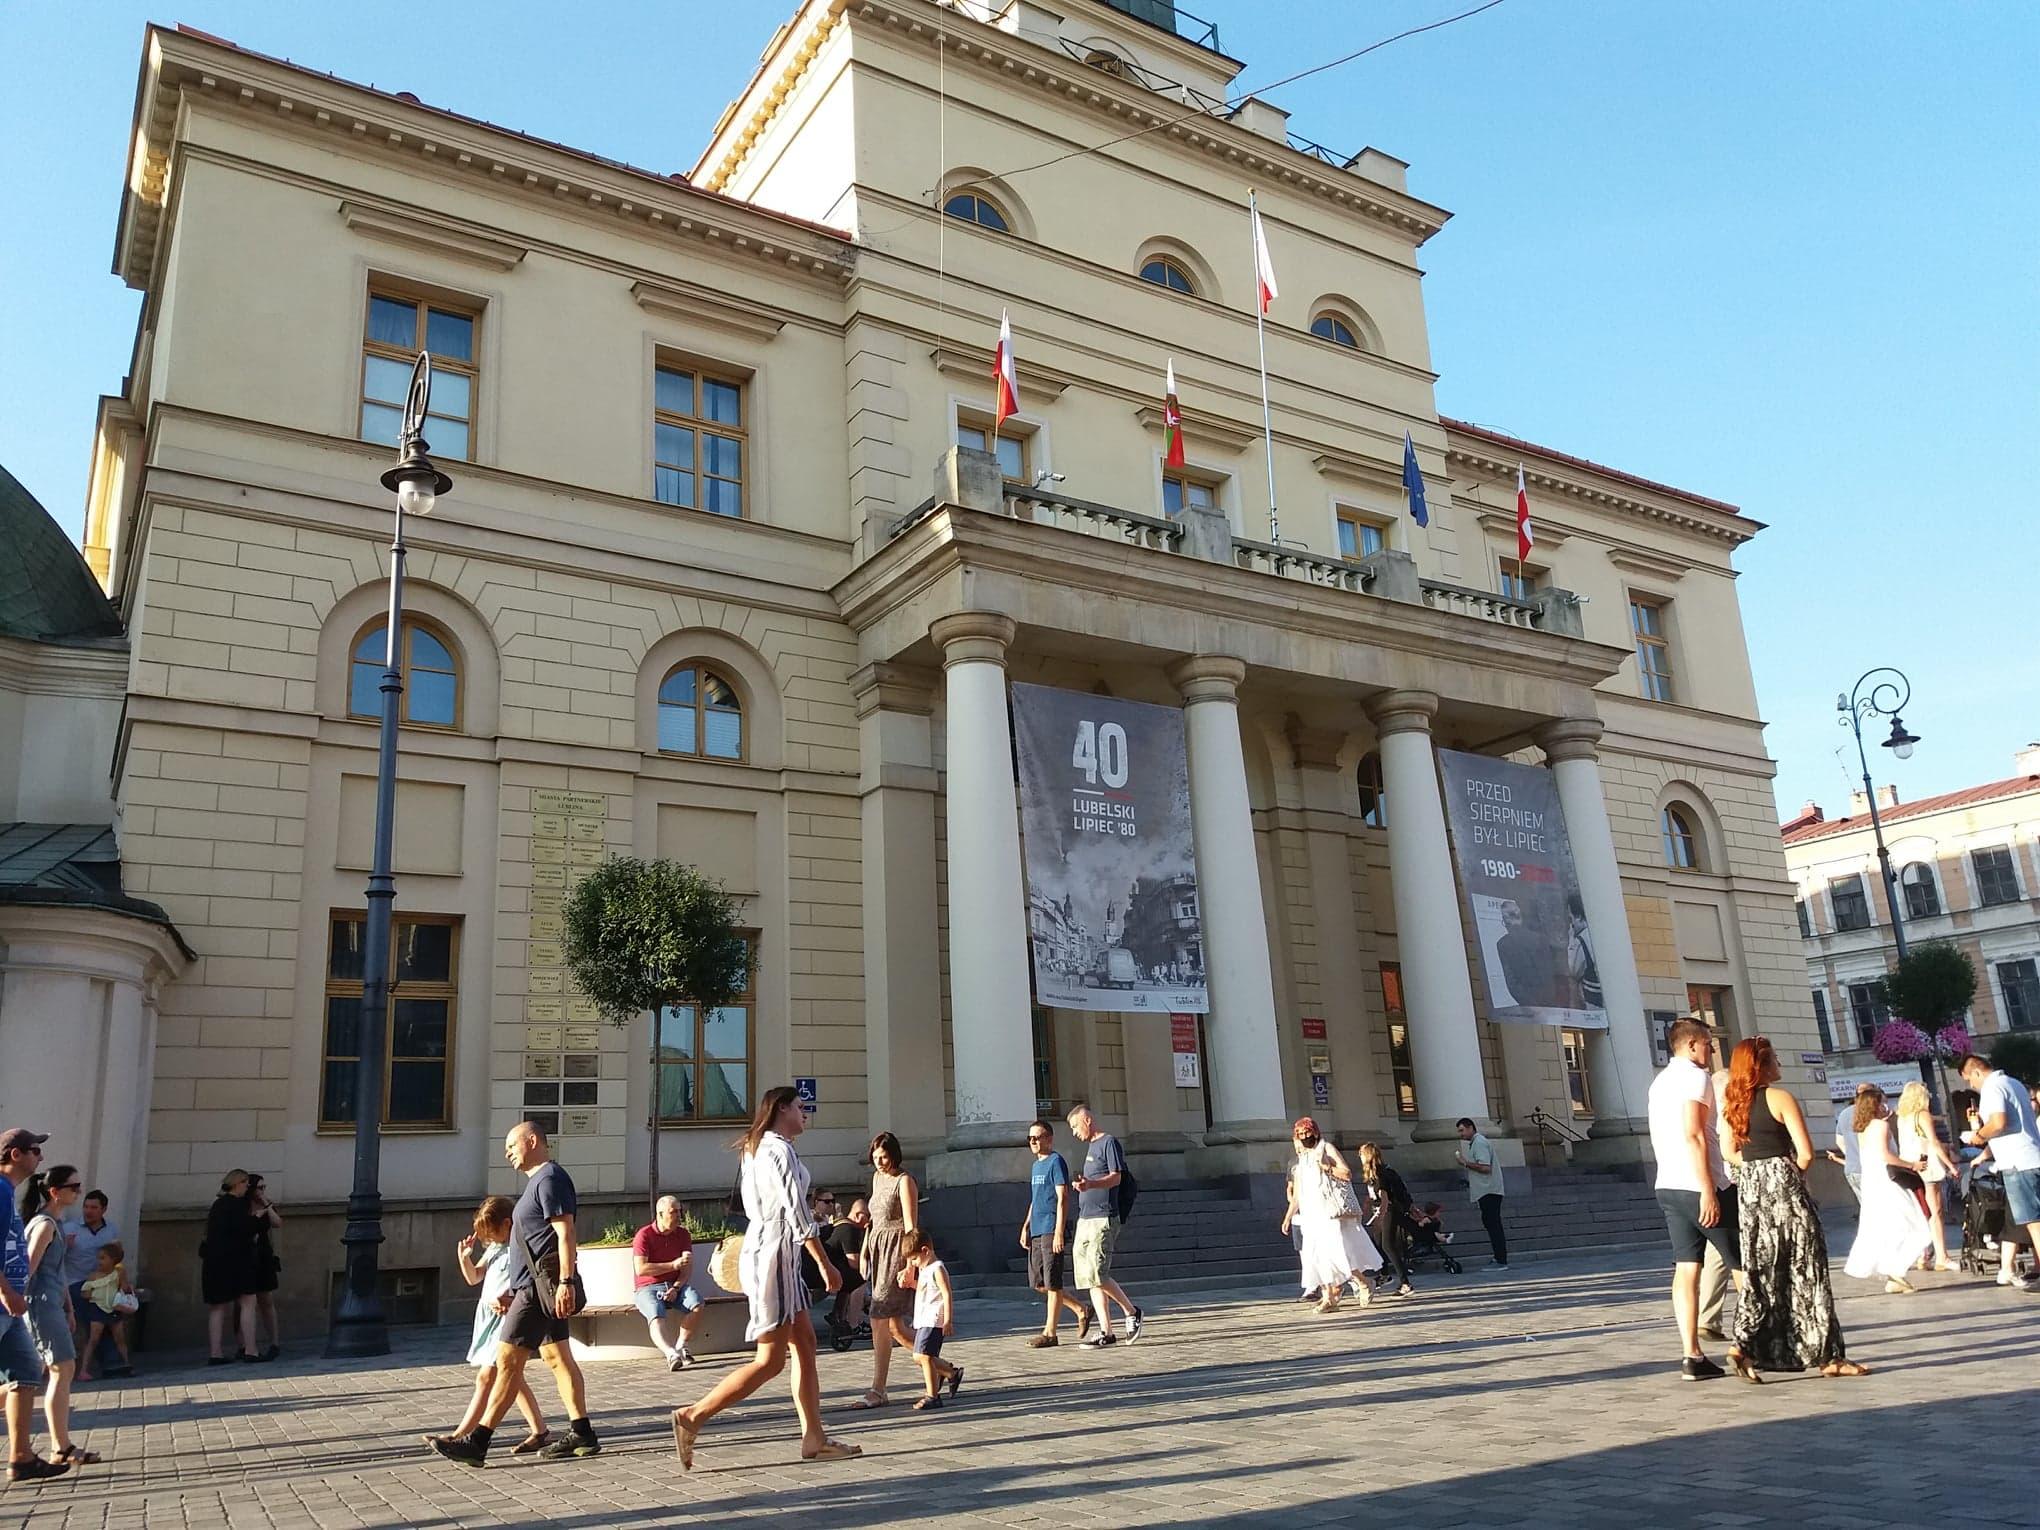 Urząd Miasta Lublin i Urząd Marszałkowski jutro nieczynne - Zdjęcie główne